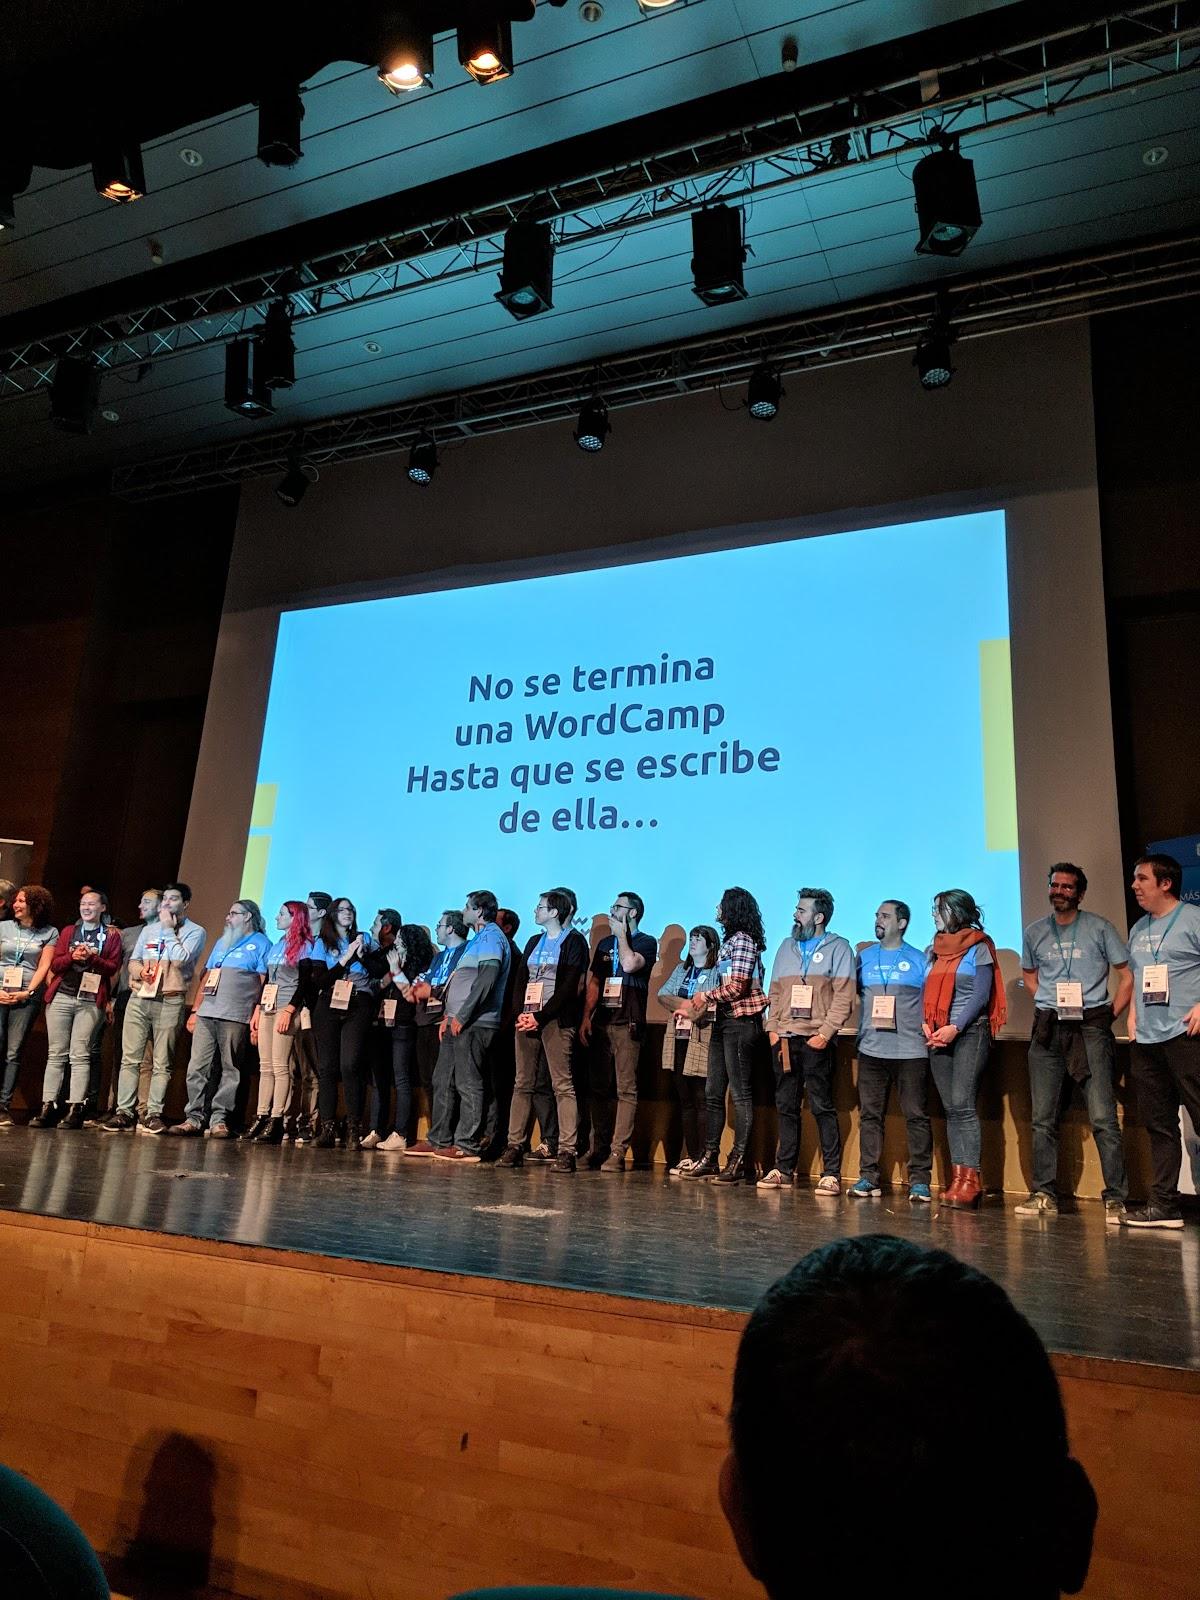 Despedida de WordCamp Granada 2019 en el escenario principal